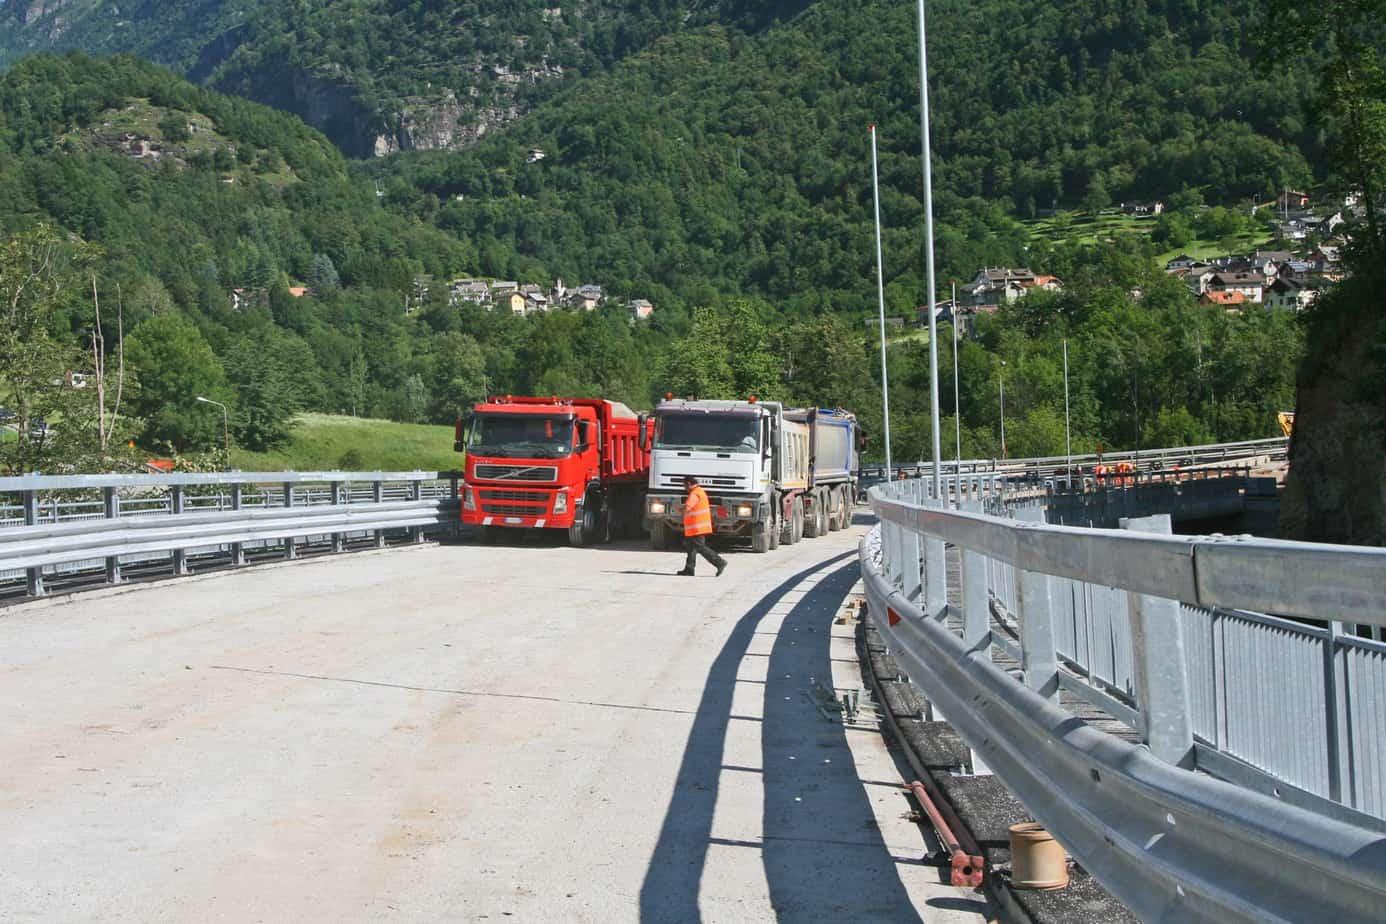 Il posizionamento degli autocarri sul ponte durante la prova